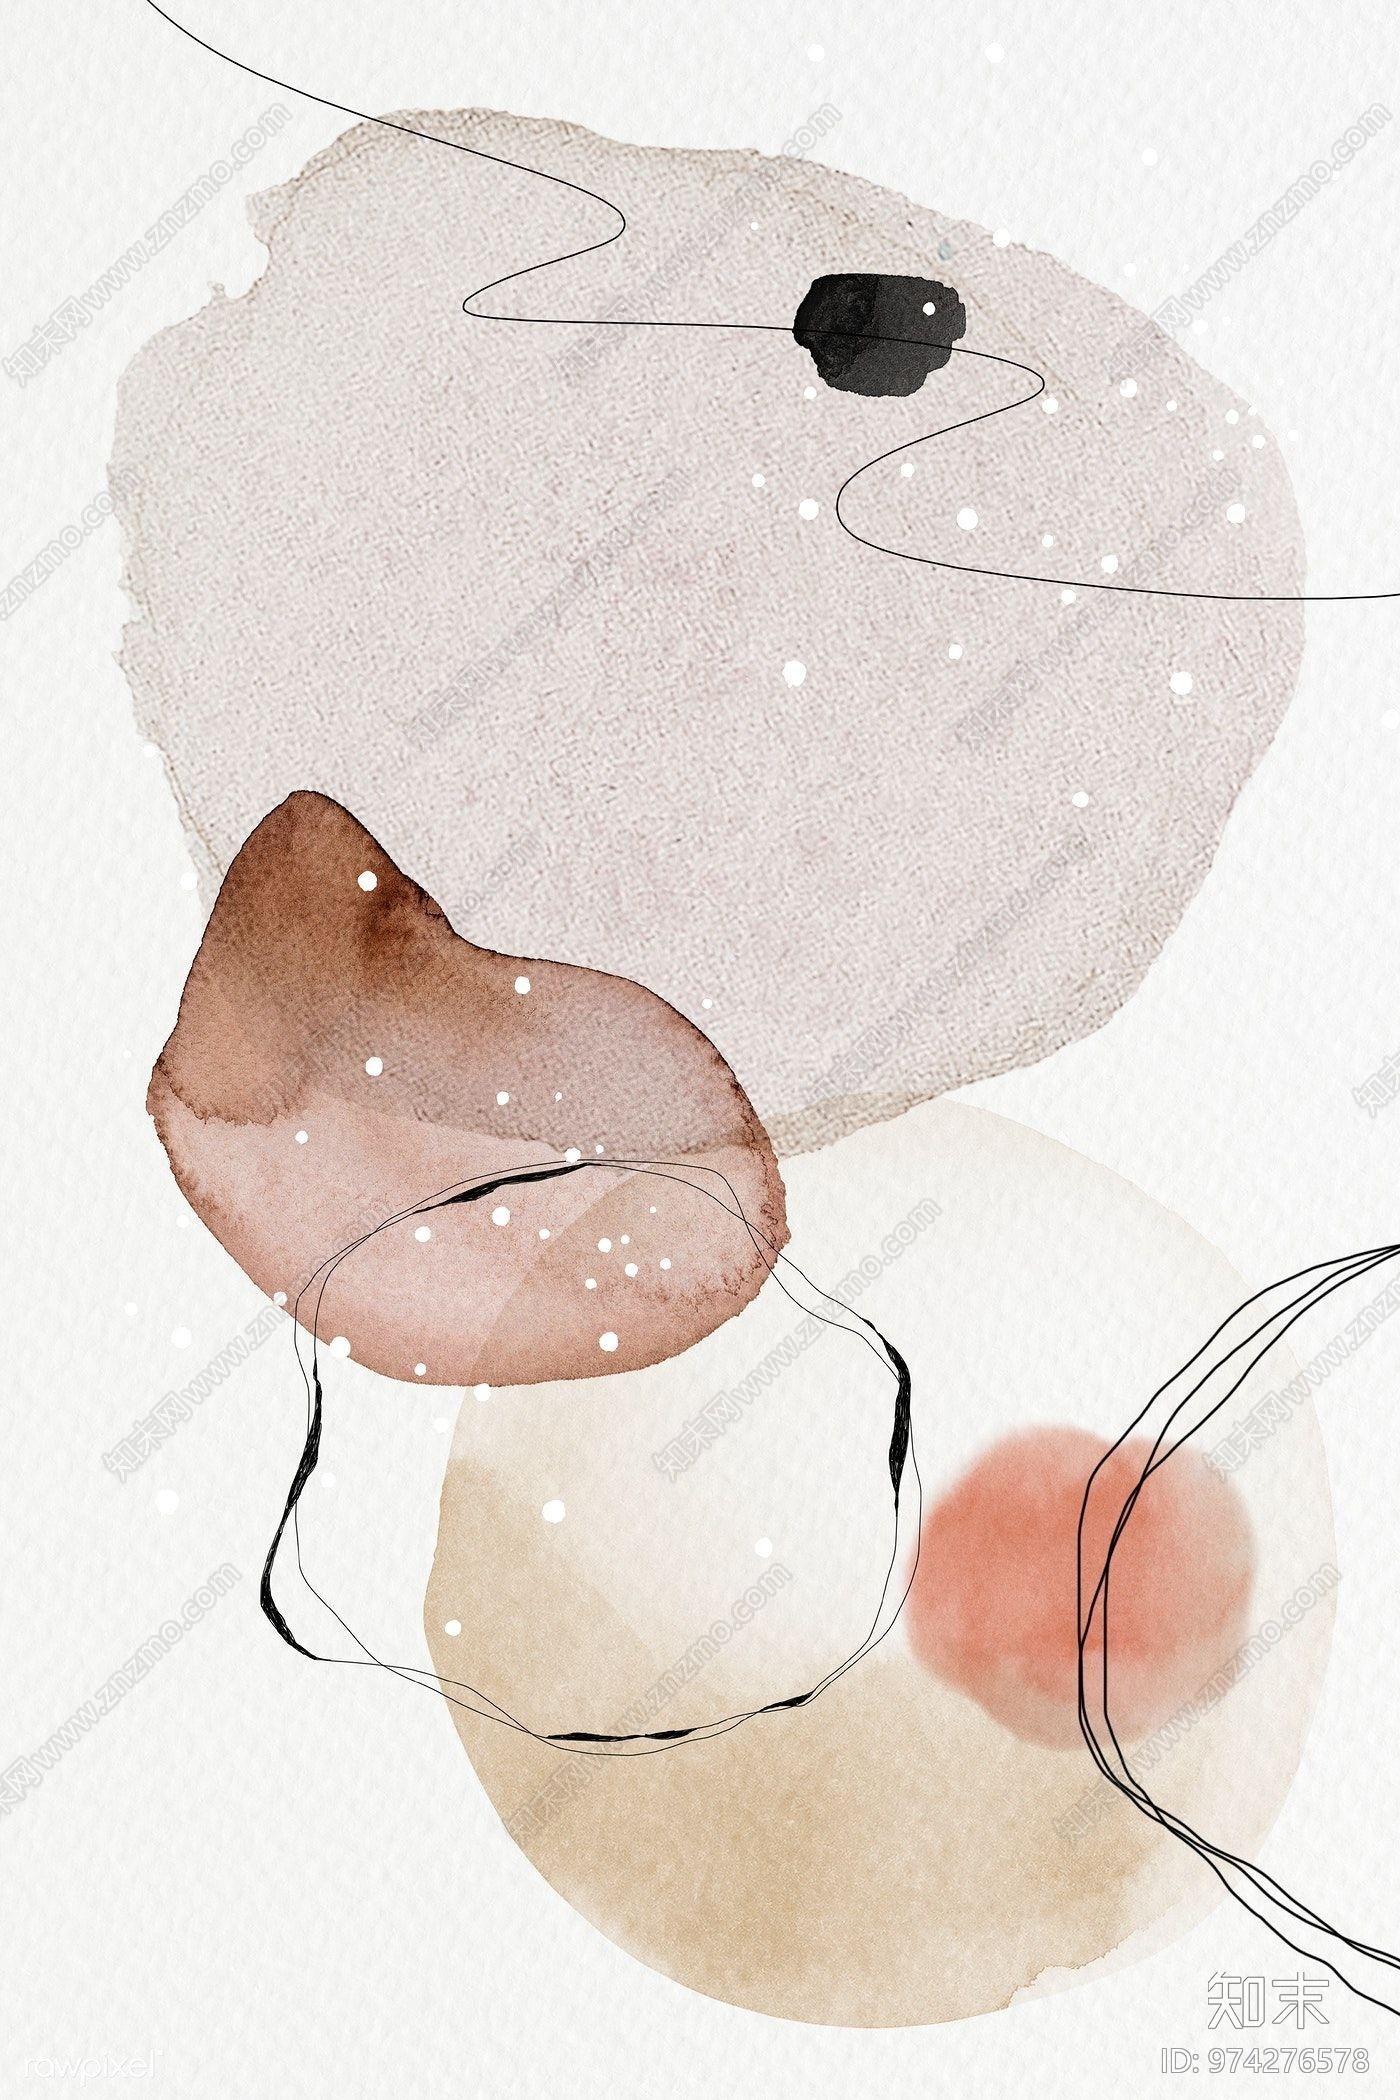 现代抽象壁画贴图下载【ID:974276578】